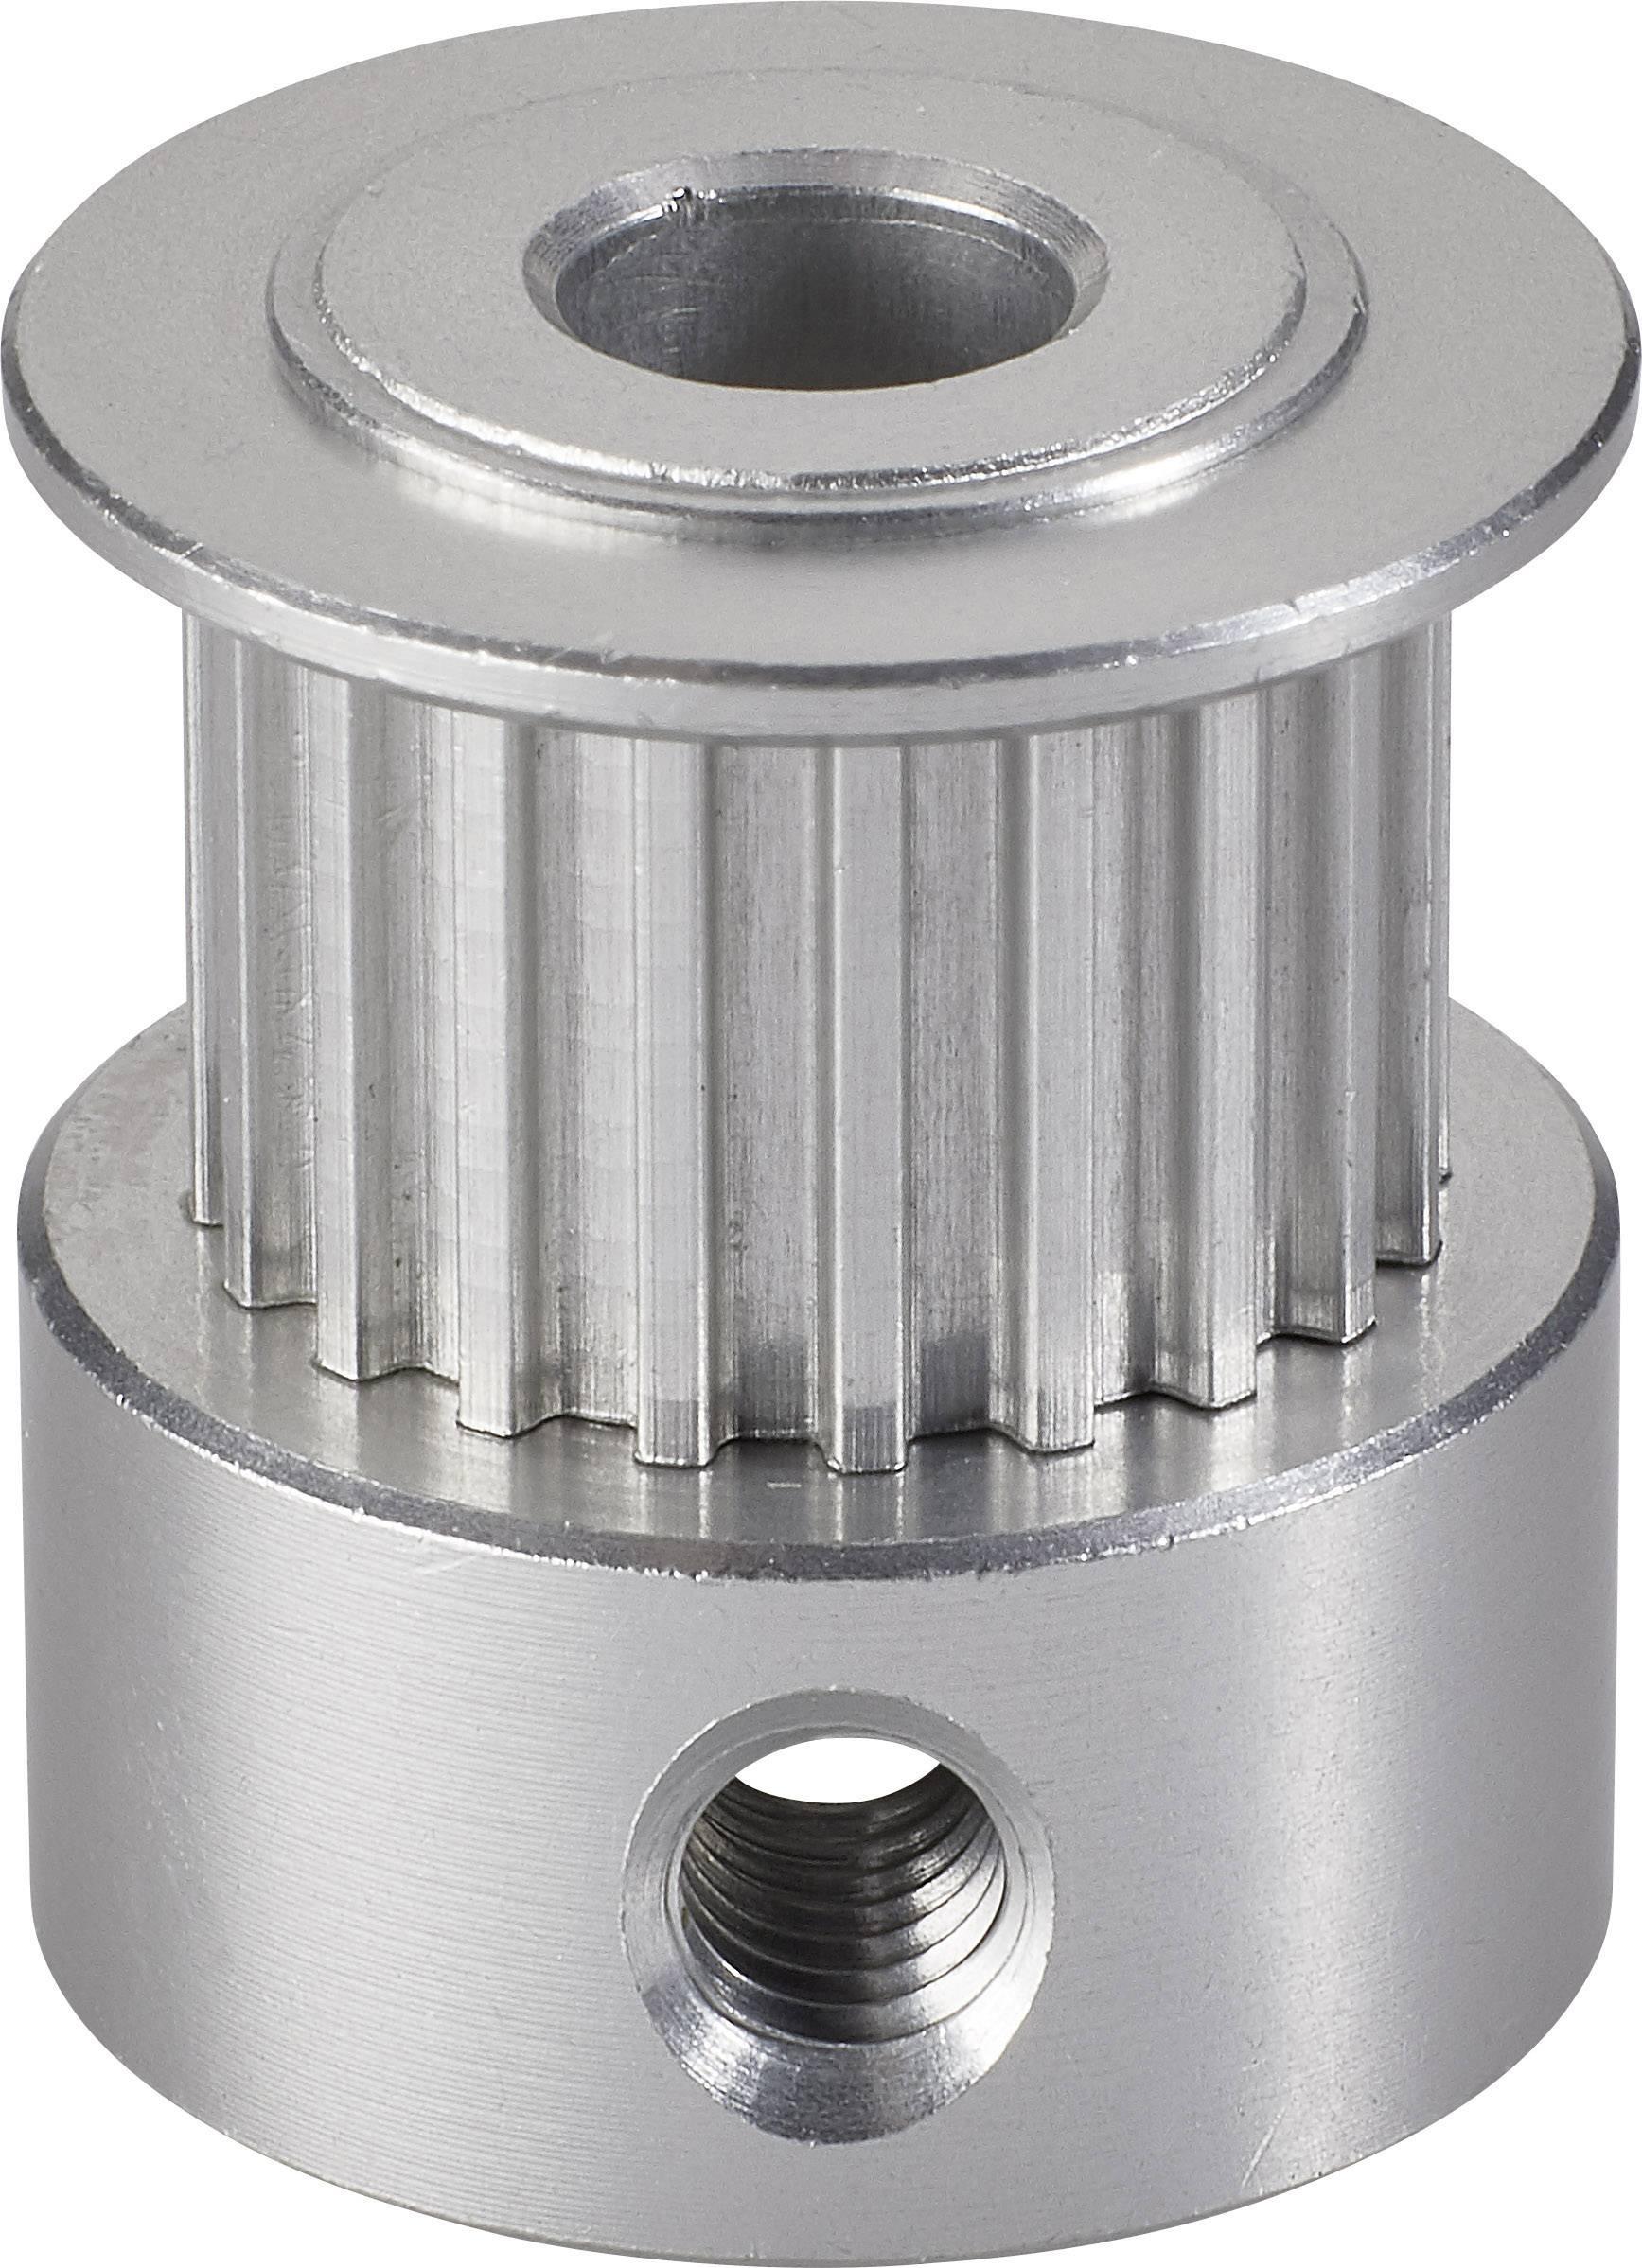 Náhradné ozubené koliesko Renkforce vhodné pre 3D tlačiareň renkforce RF100